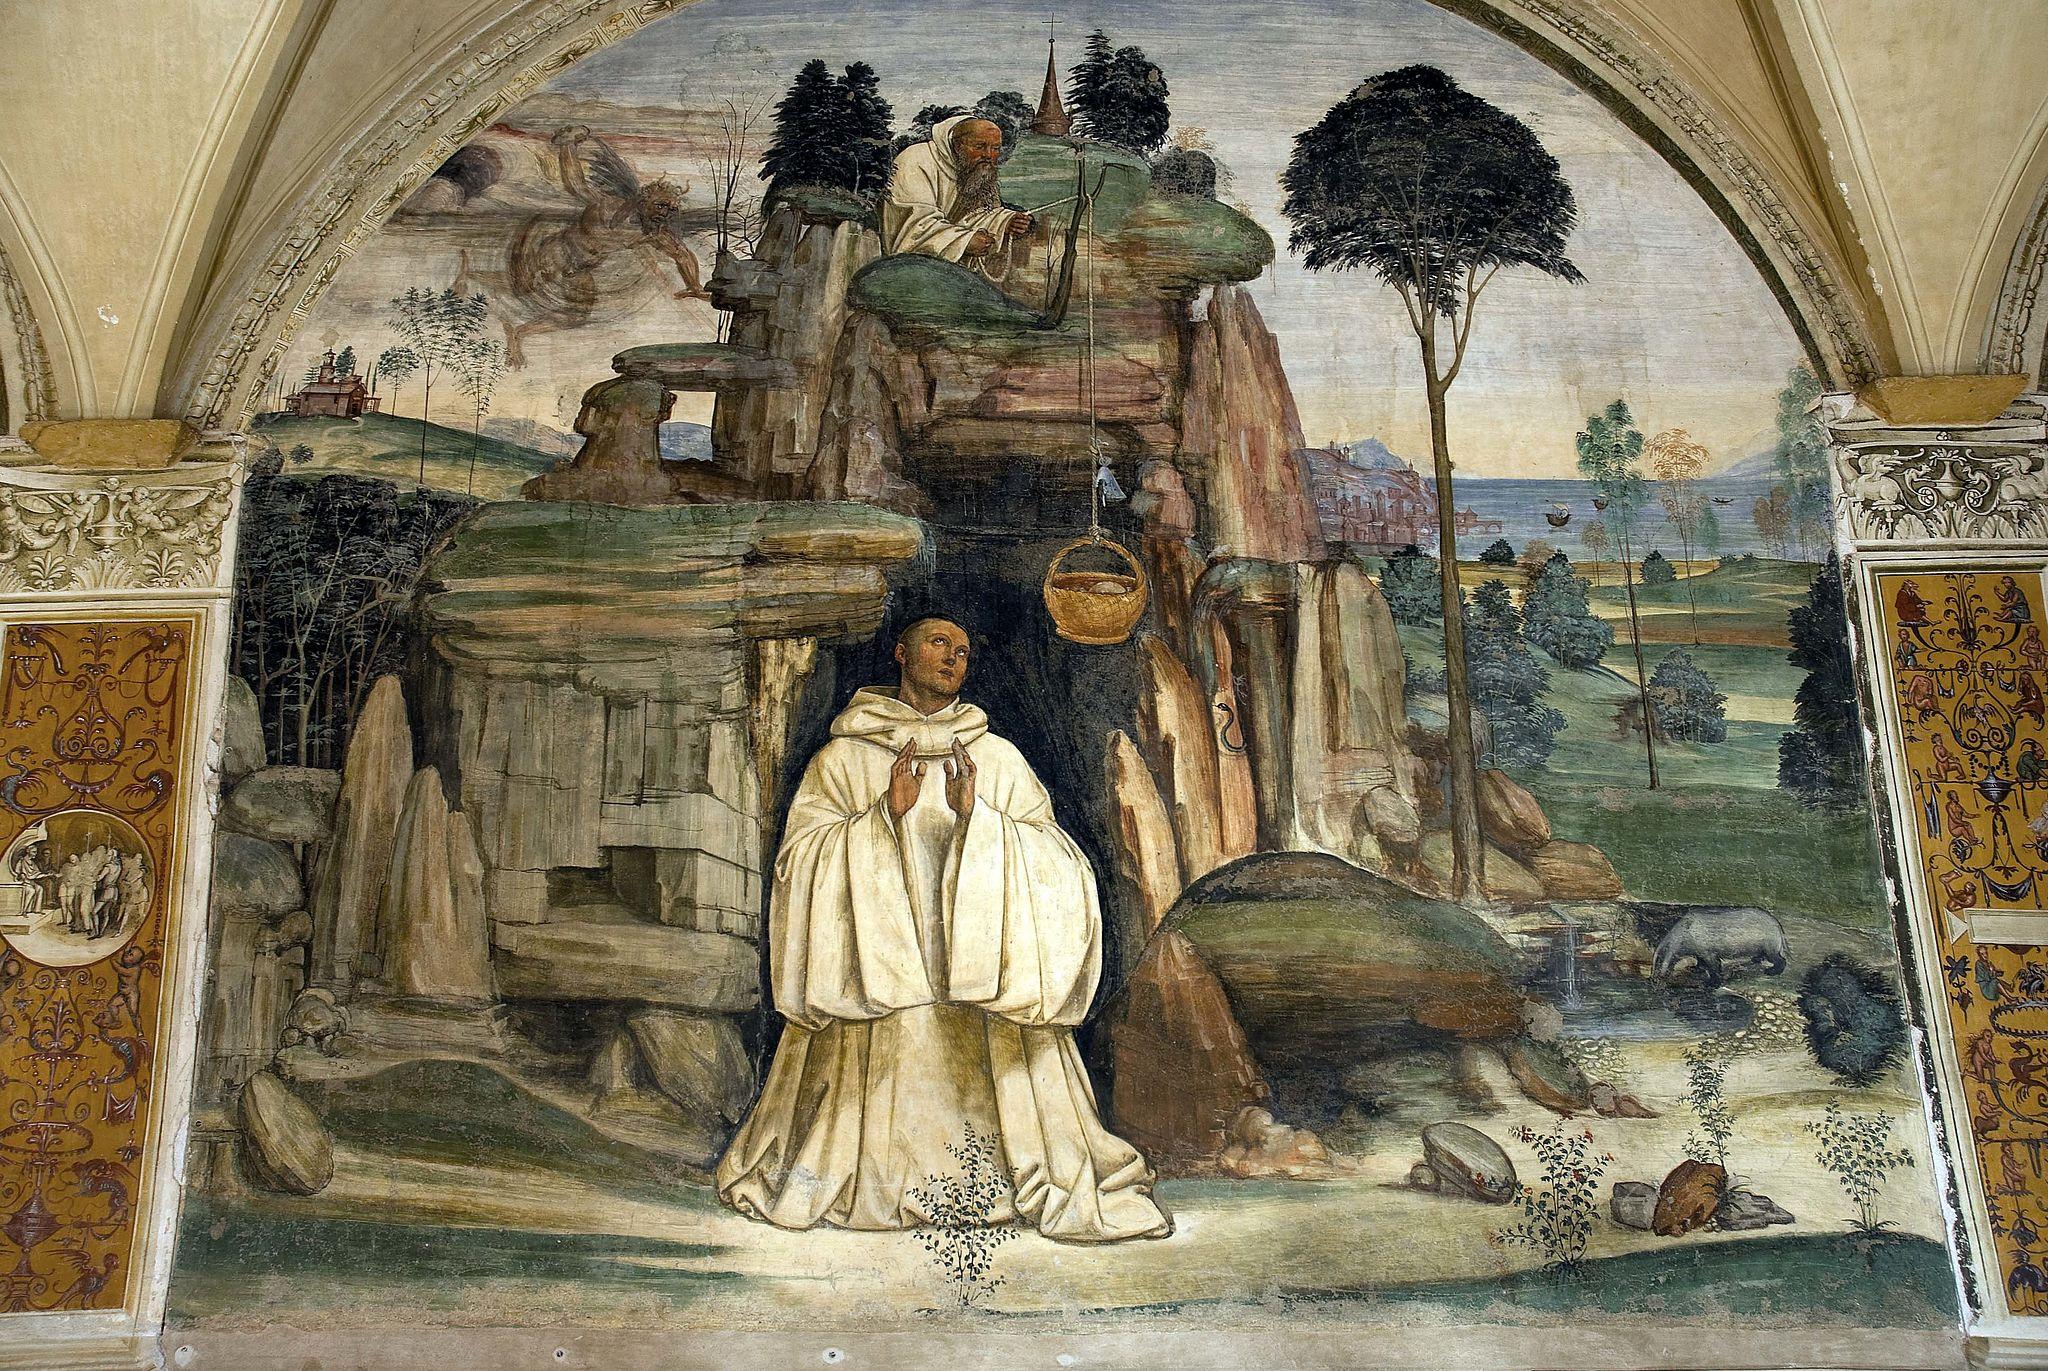 Il Sodoma, Le storie di San Benedetto, Scena 5, Come lo dimonio rompe la campanella, Abbazia di Monte Oliveto Maggiore, Il Cloistro Grande